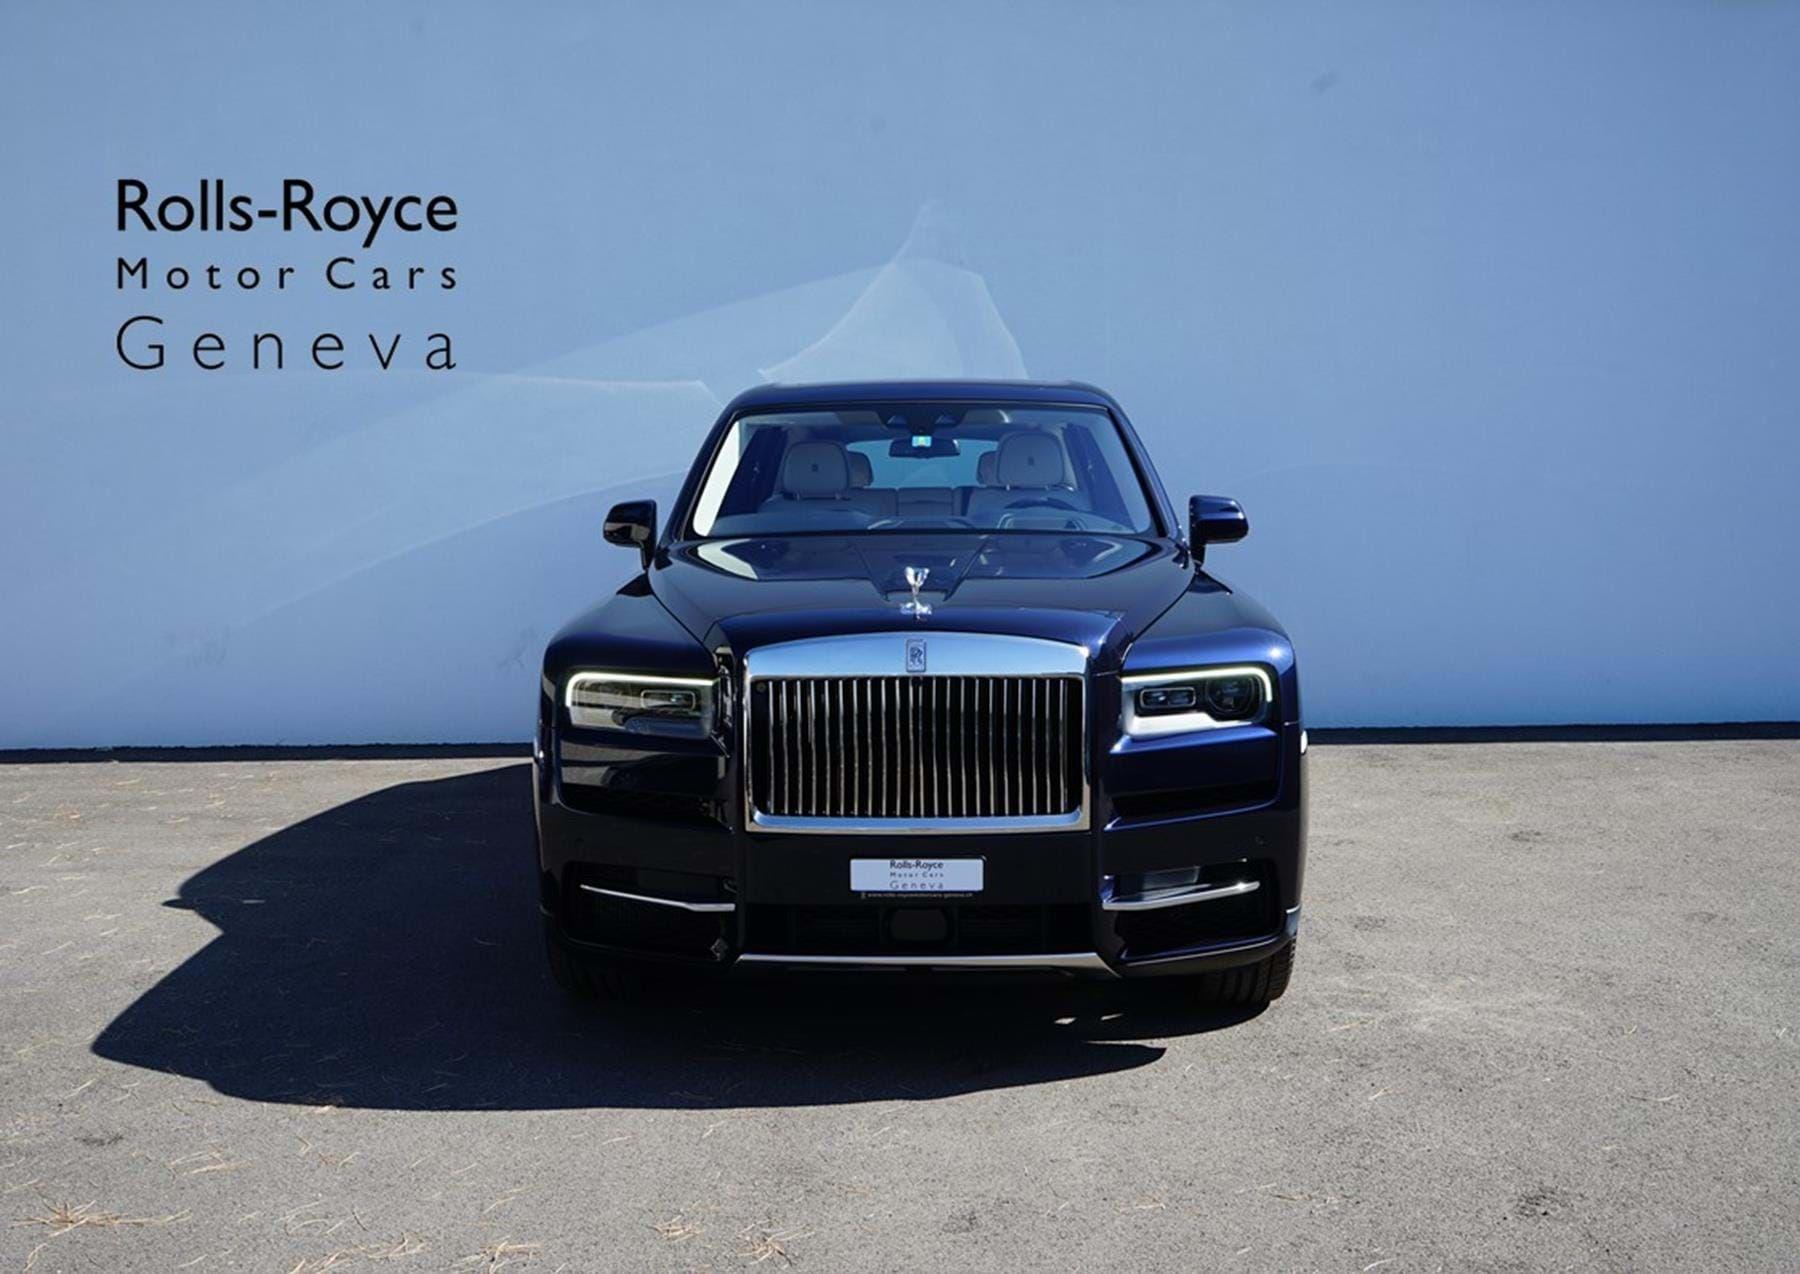 Rolls Royce Cullinan Midnight Sapphire Pegasus Automotive Switzerland For Sale On Luxurypulse In 2021 Rolls Royce Rolls Royce Cullinan Royce